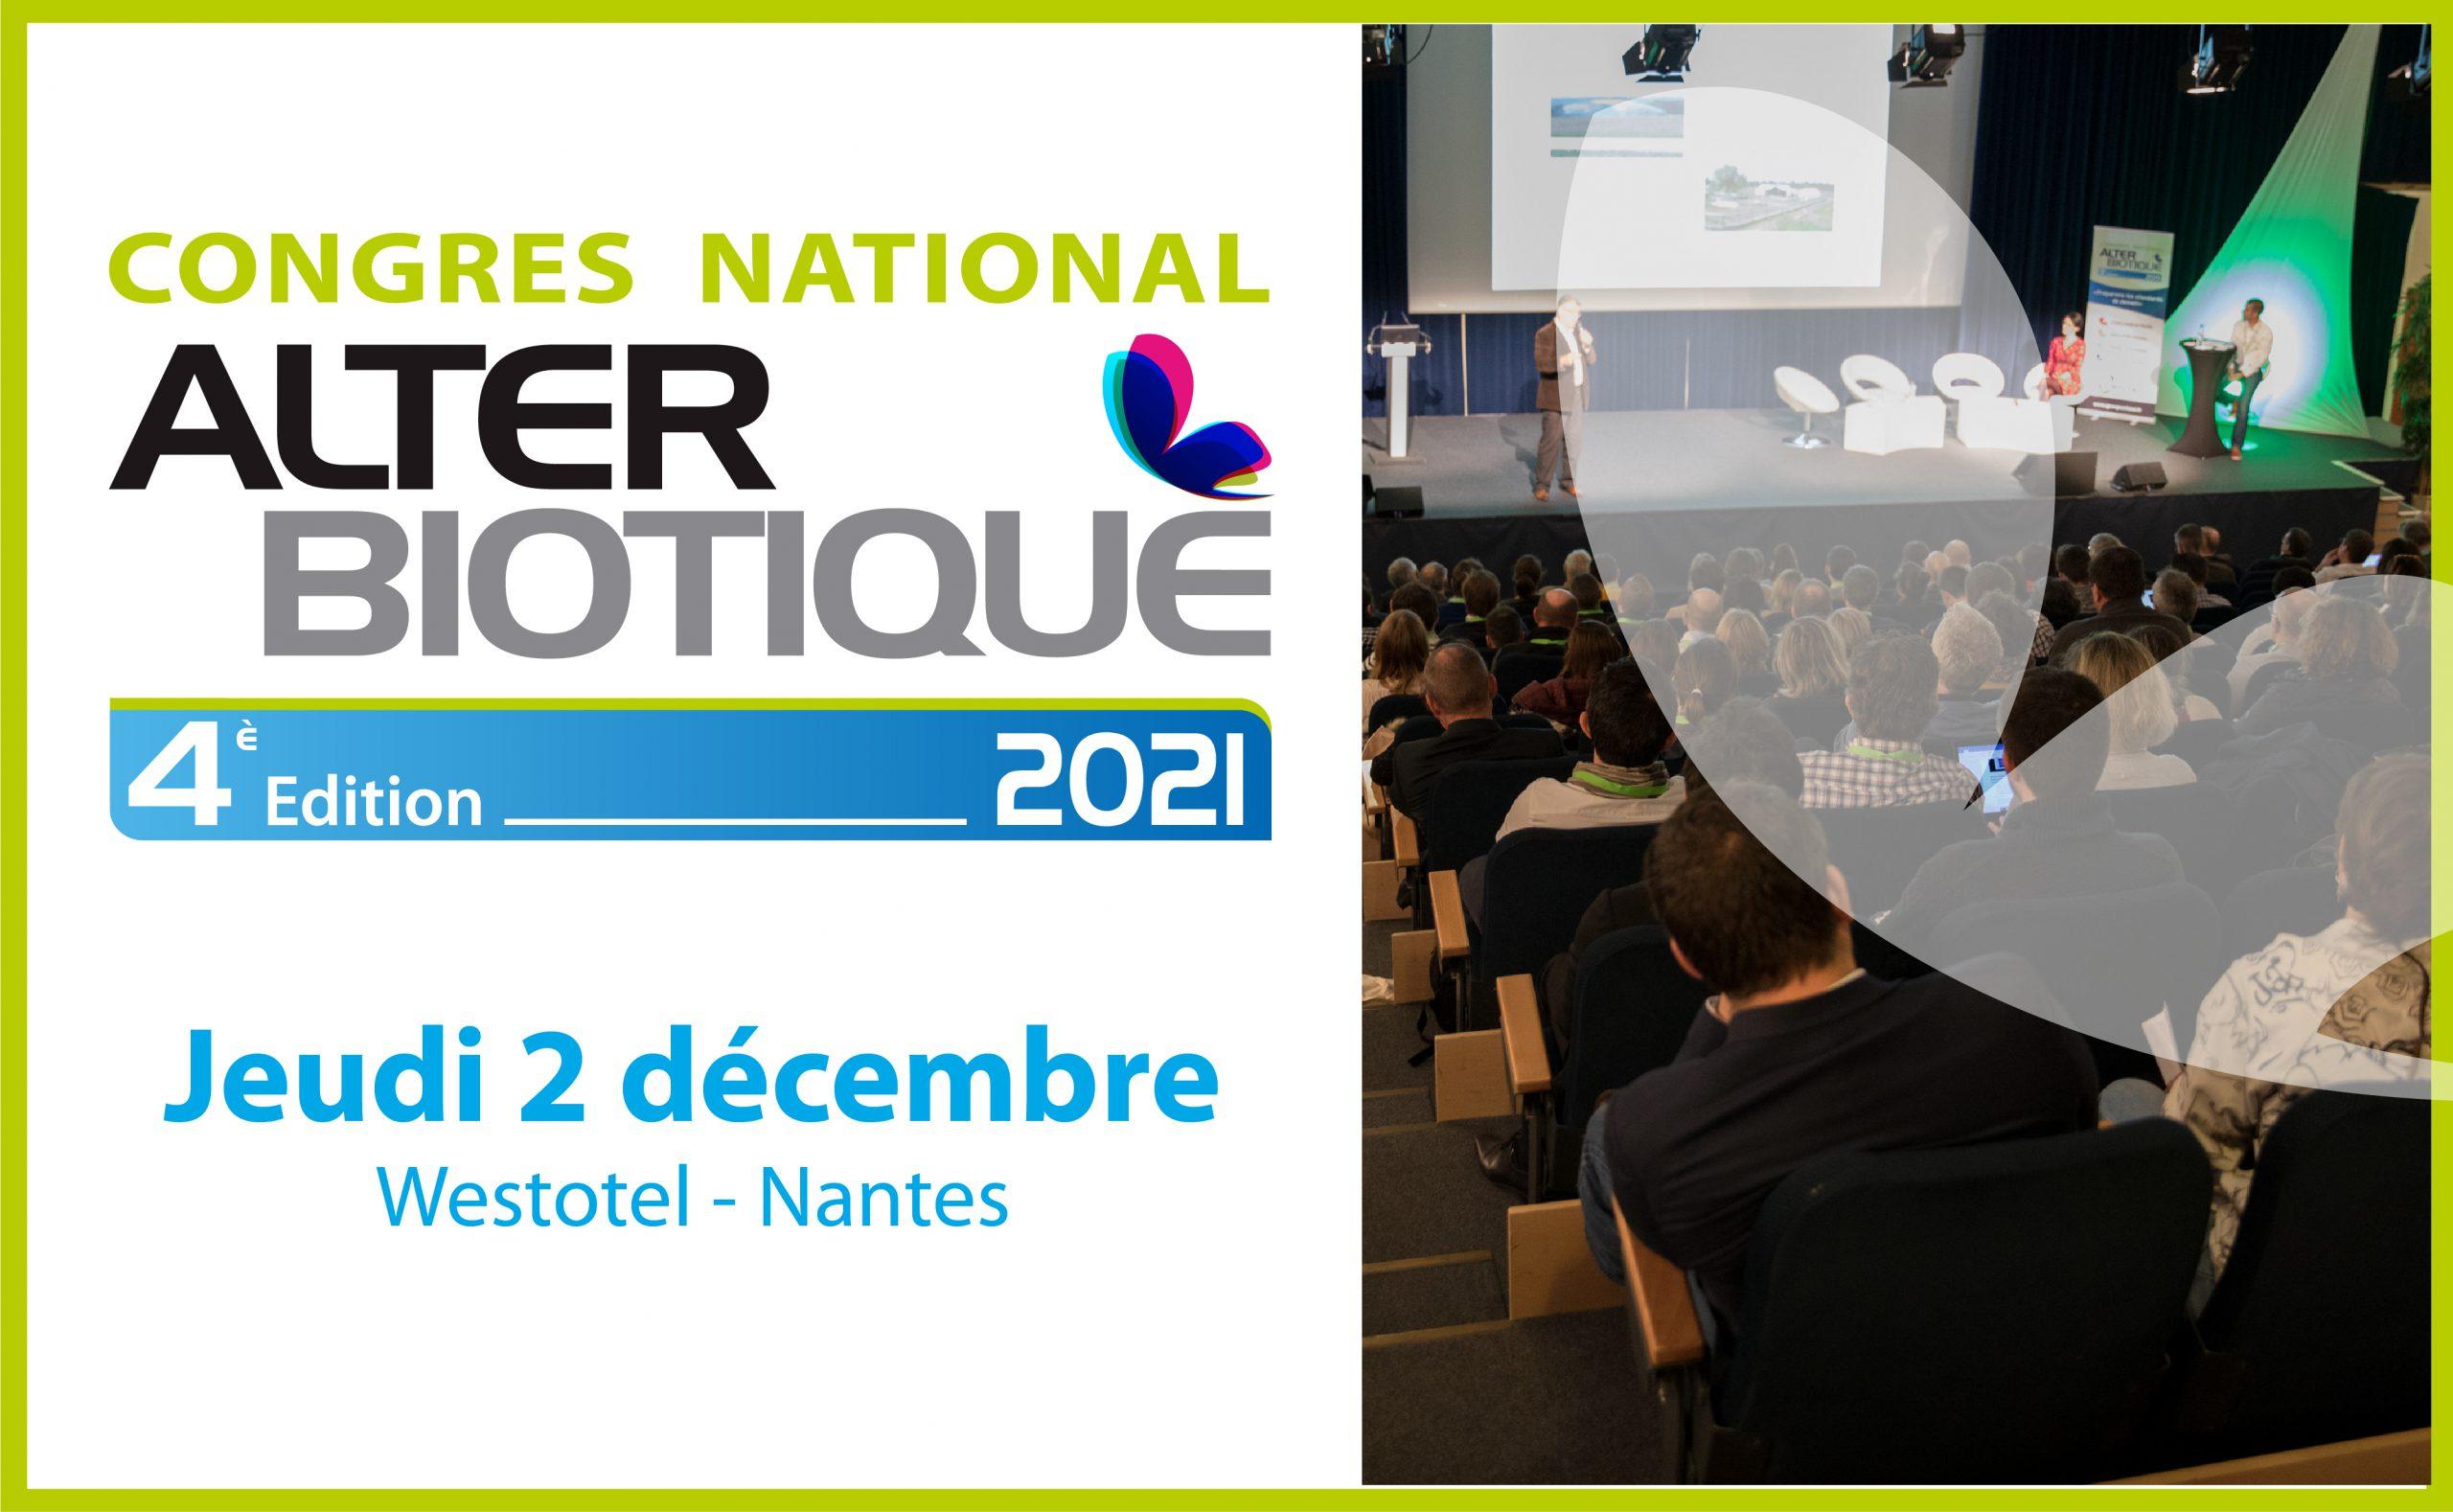 congres-national-alterbiotique-2021